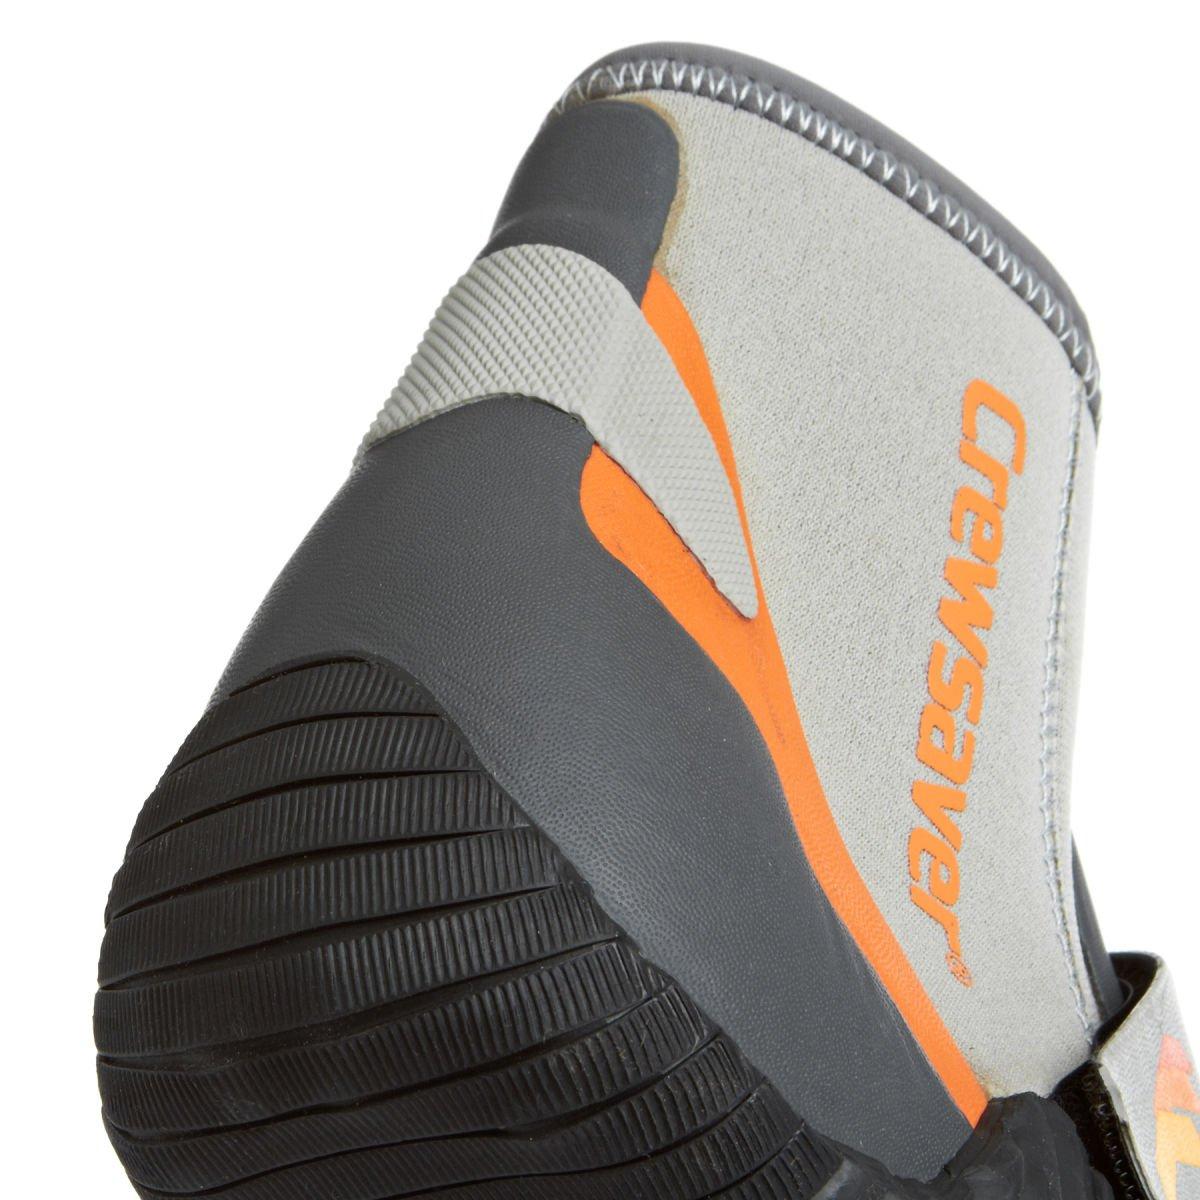 Crewsaver Phase 2 Neopreno Boots 6913: Amazon.es: Deportes y ...